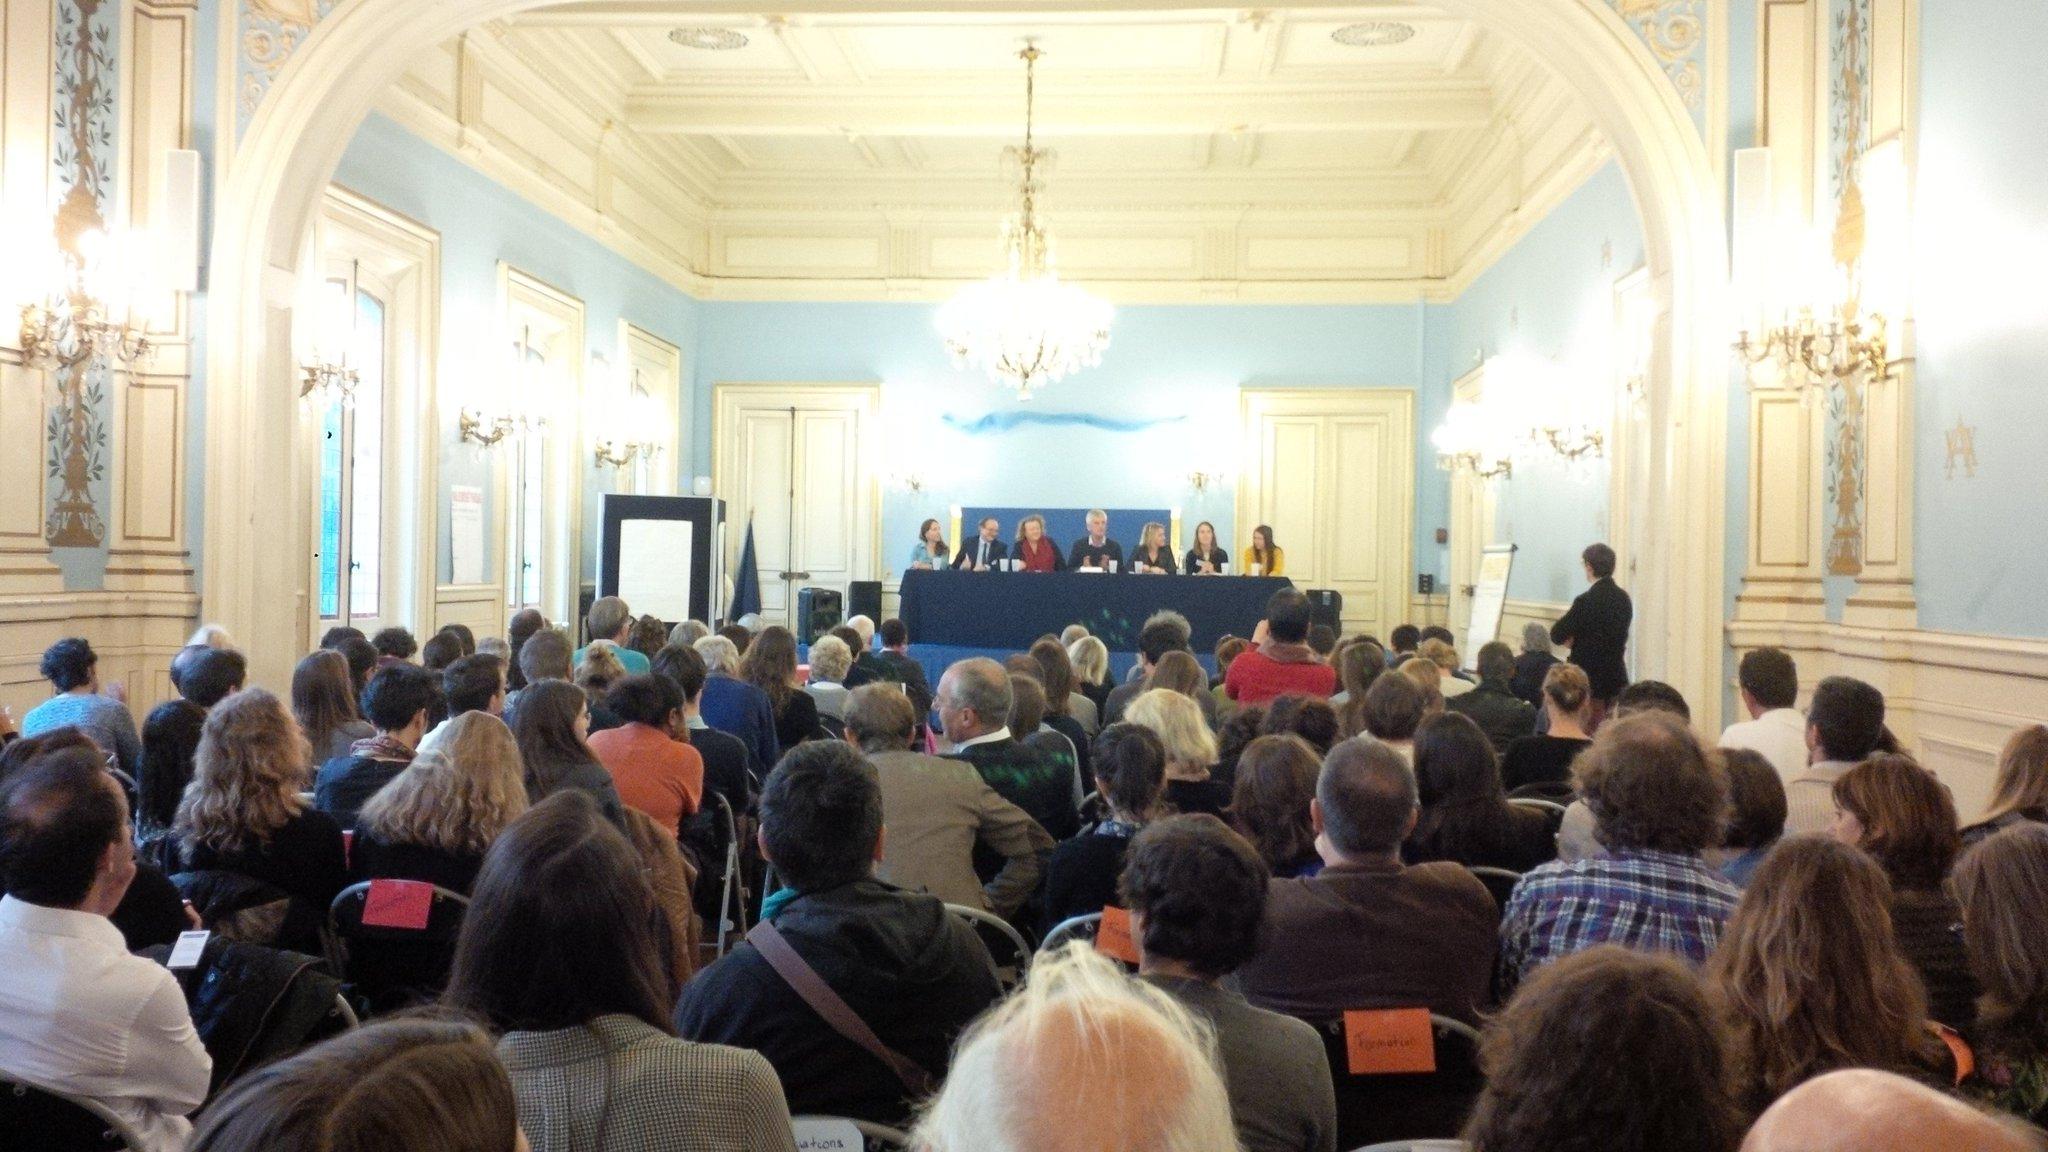 Lancement 4èmes assises #EEDD en cie de @barbarapompili @RolandGerard @graine_idf @rachel_louiset  etc. etc. https://t.co/WAsj2HuEQz